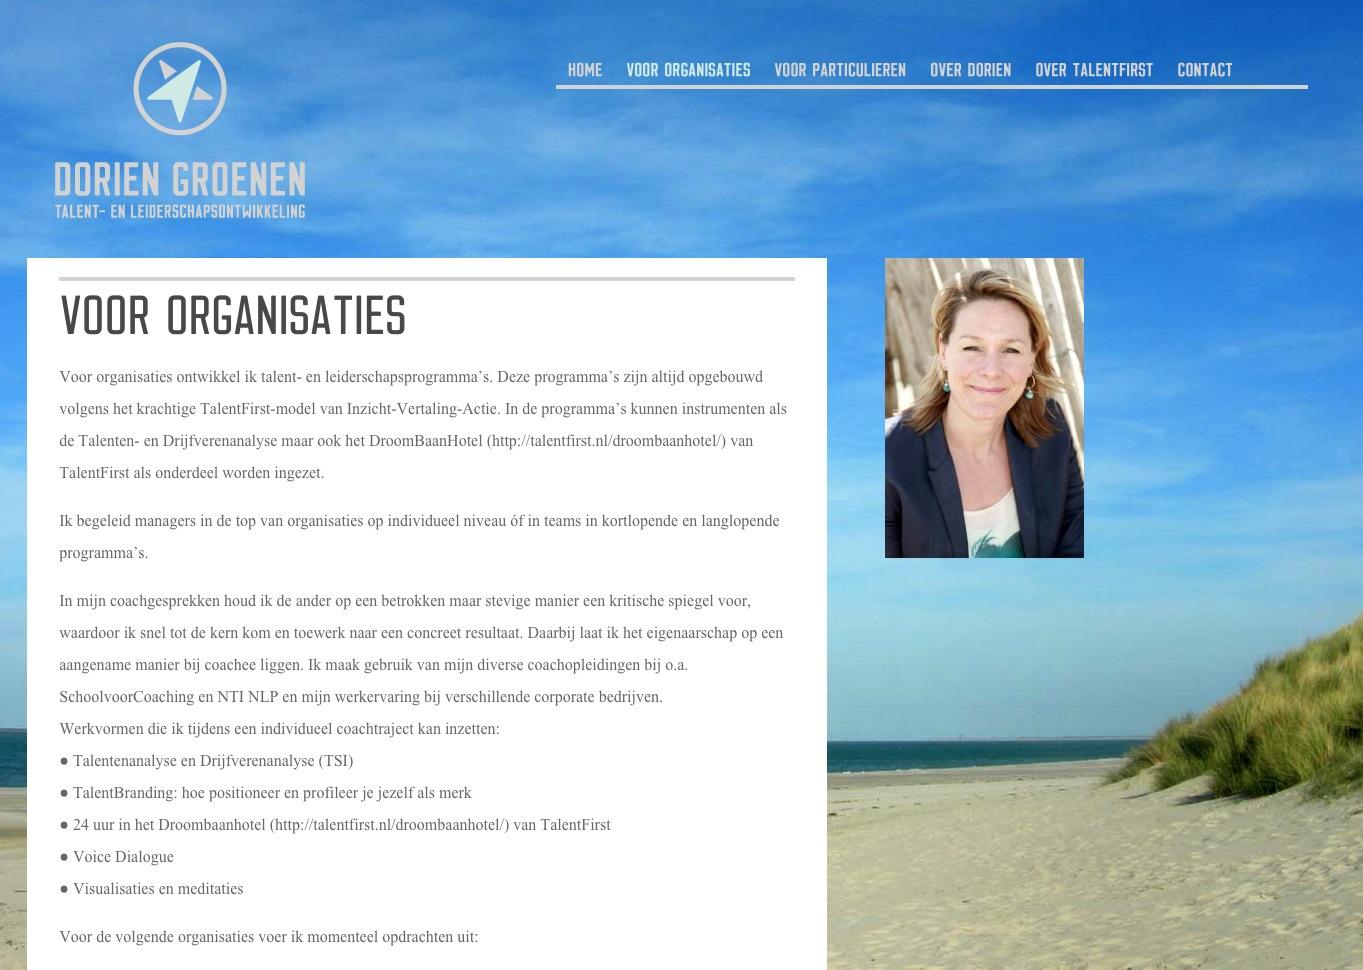 Groot beeld achtergrond wisselend WordPress website design